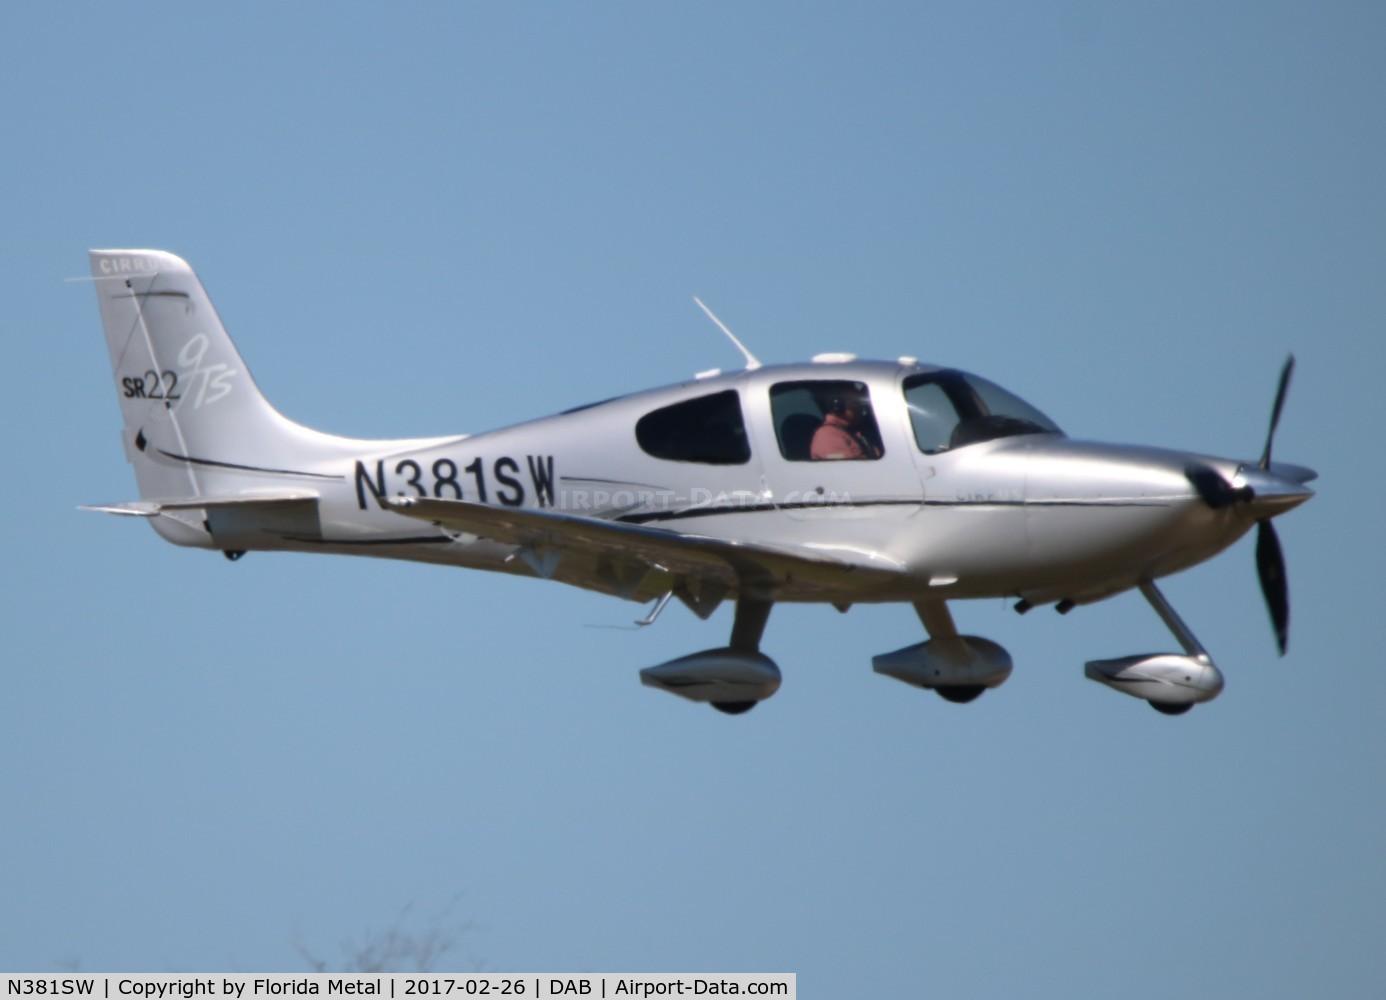 N381SW, 2006 Cirrus SR22 GTS C/N 2279, Cirrus SR22